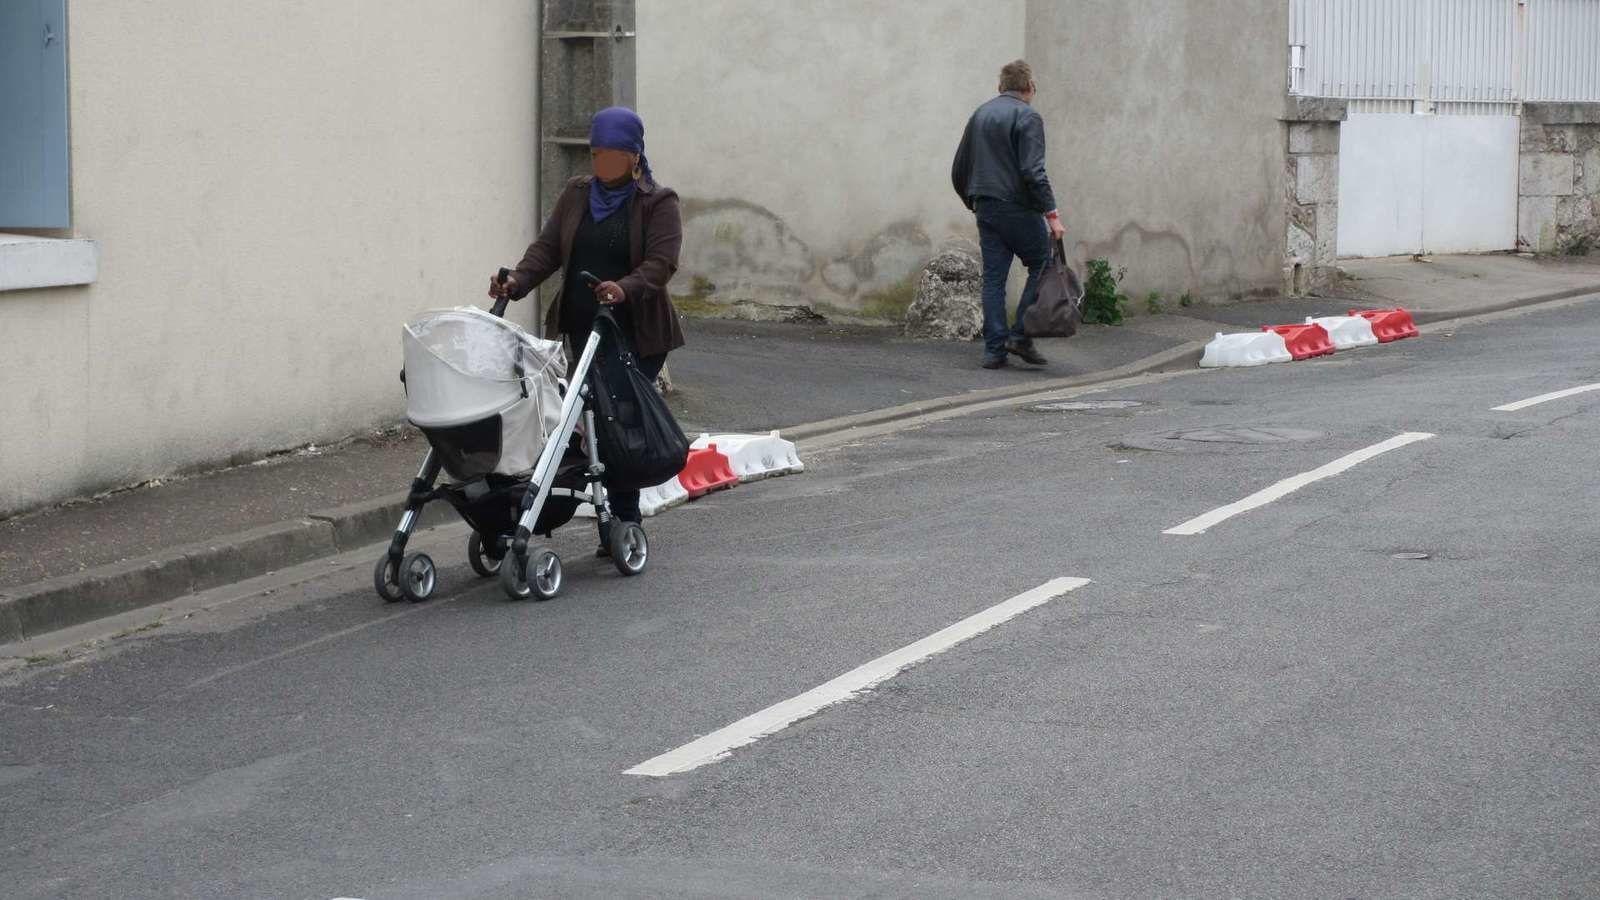 Il faut adapter la ville aux différents usagers